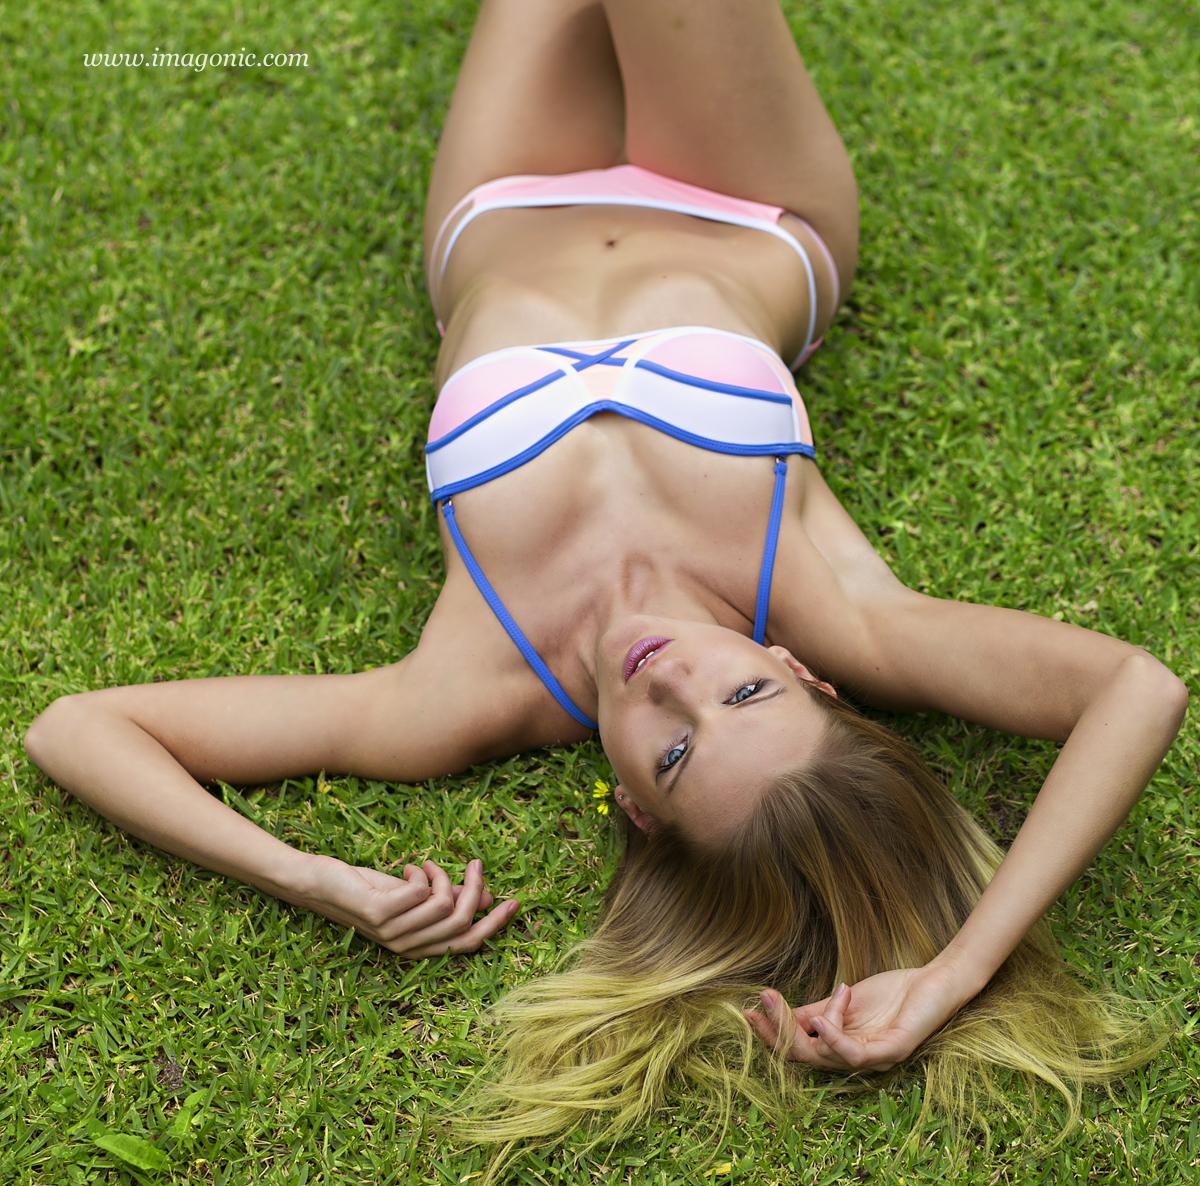 Yana - Green Grass Bikini